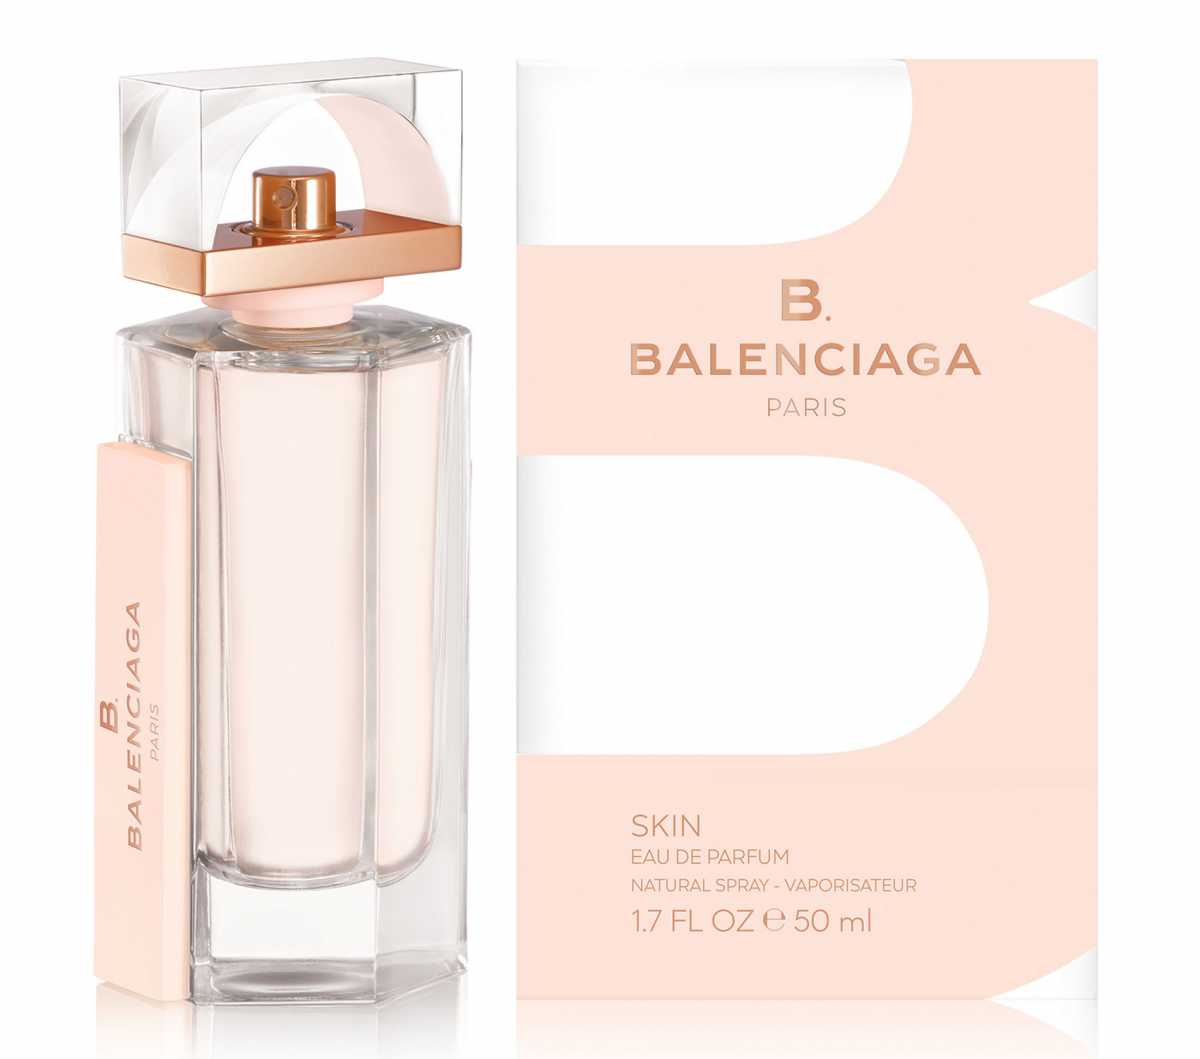 B, Balenciaga é um dos melhores fragrâncias para usar no inverno